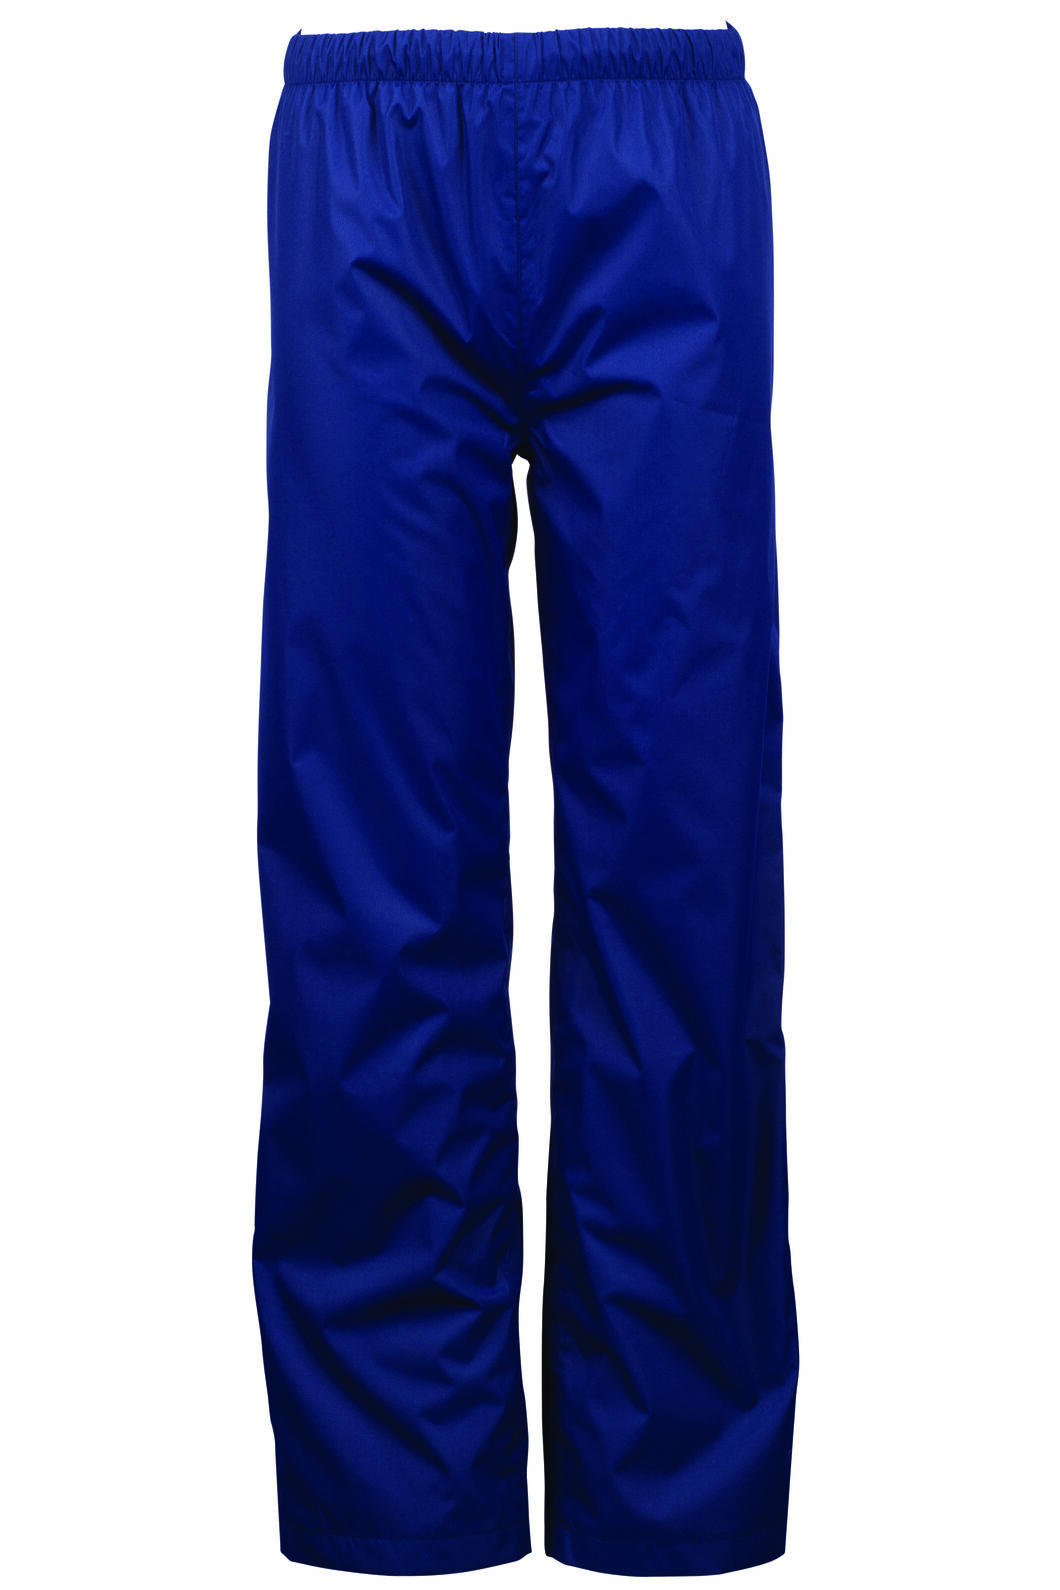 Macpac Jetstream Rain Pants — Kids', Medieval Blue, hi-res